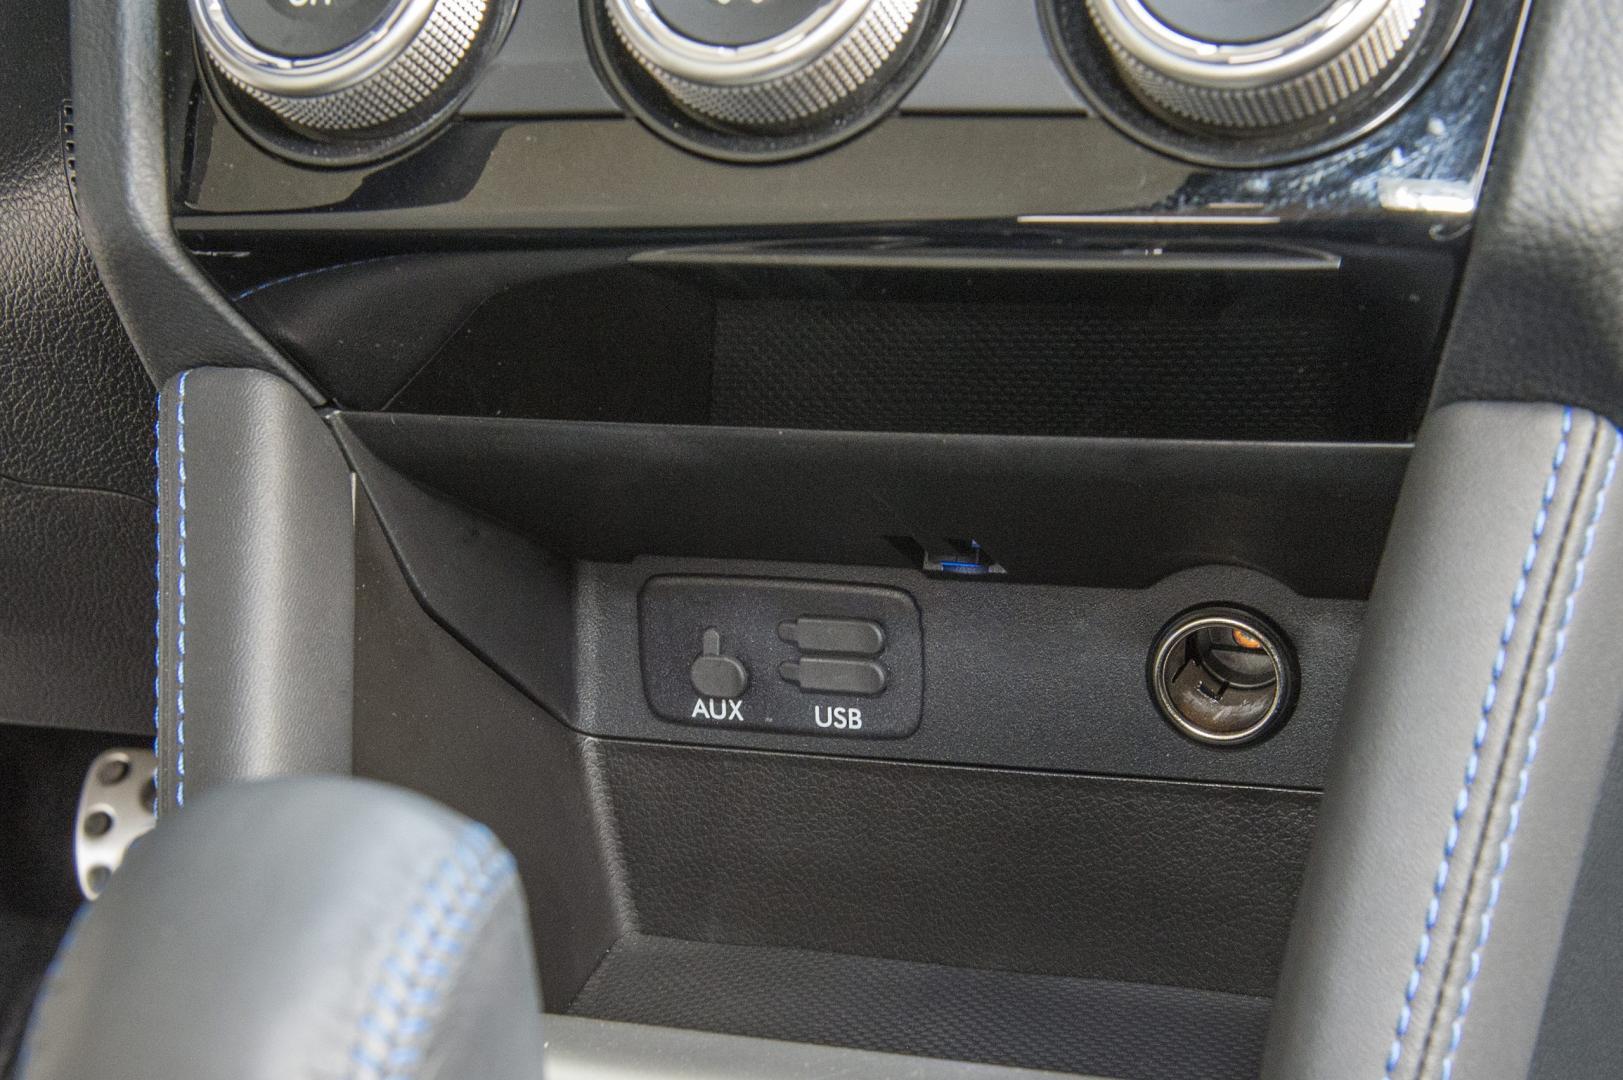 Subaru Levorg 1.6 GT-S Premium AUX (2015)